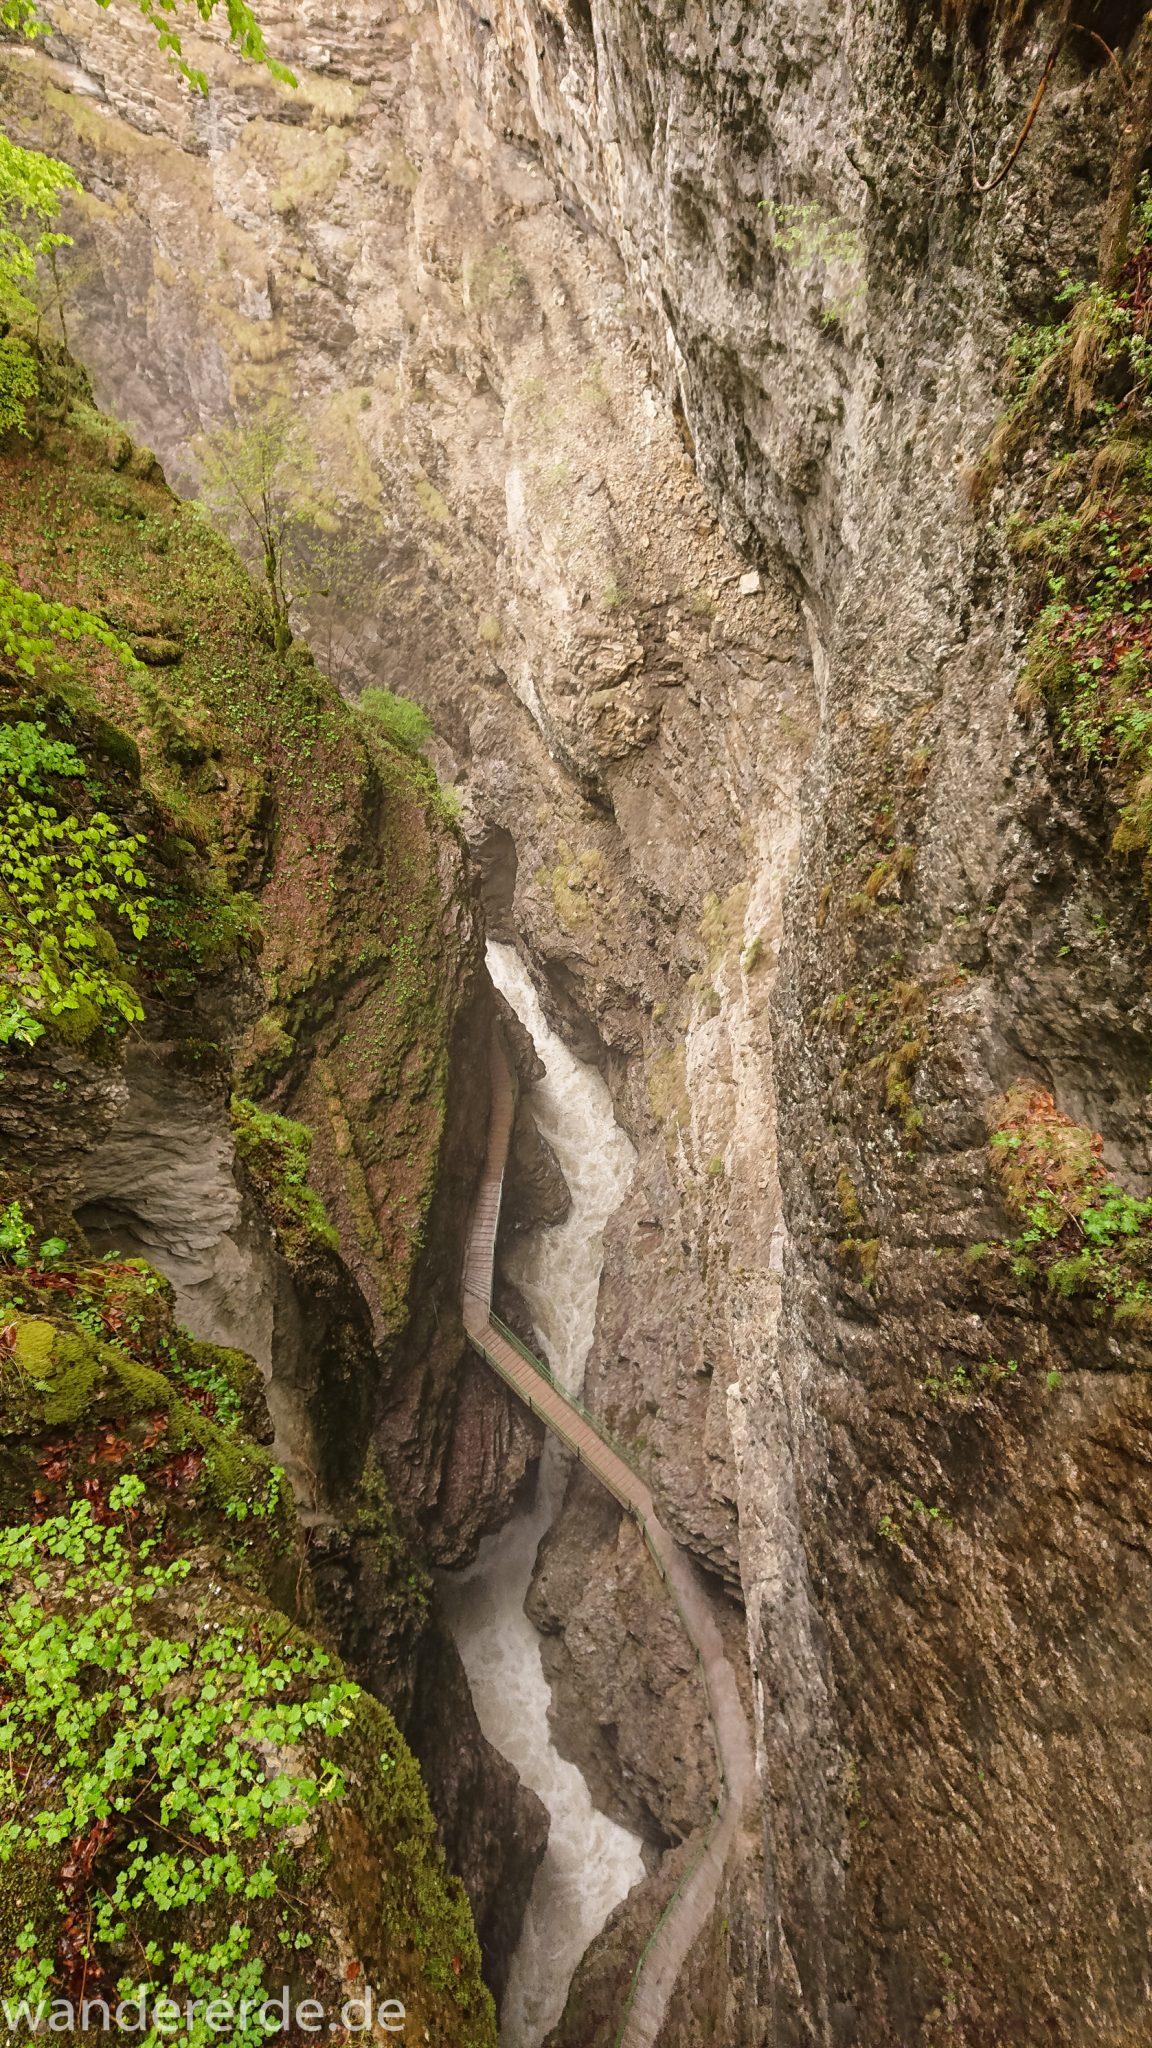 Wanderung durch die Breitachklamm im Allgäu, sehr hohe Felswände, tosende Breitach nach starkem Regen, Klamm umgeben von schönem Wald, Felsen im Fluss, Schneeschmelze im Allgäu, Wanderweg durch die Klamm